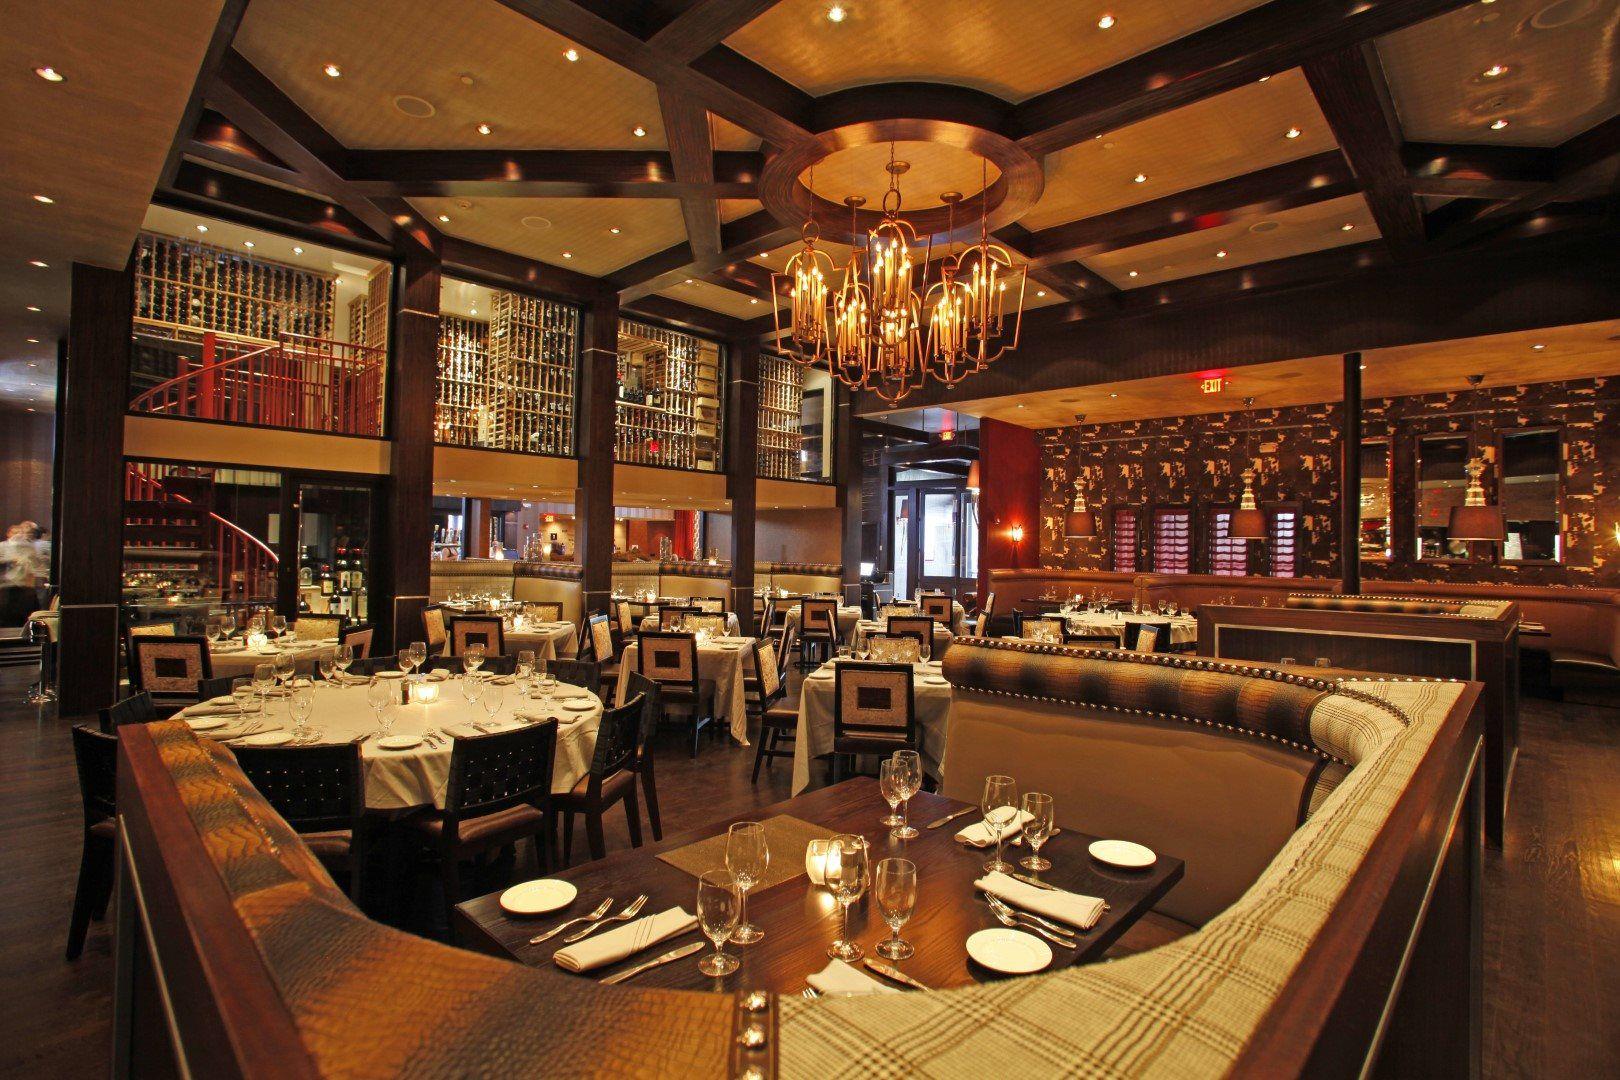 Ruth's Chris Steak House - Jacksonville